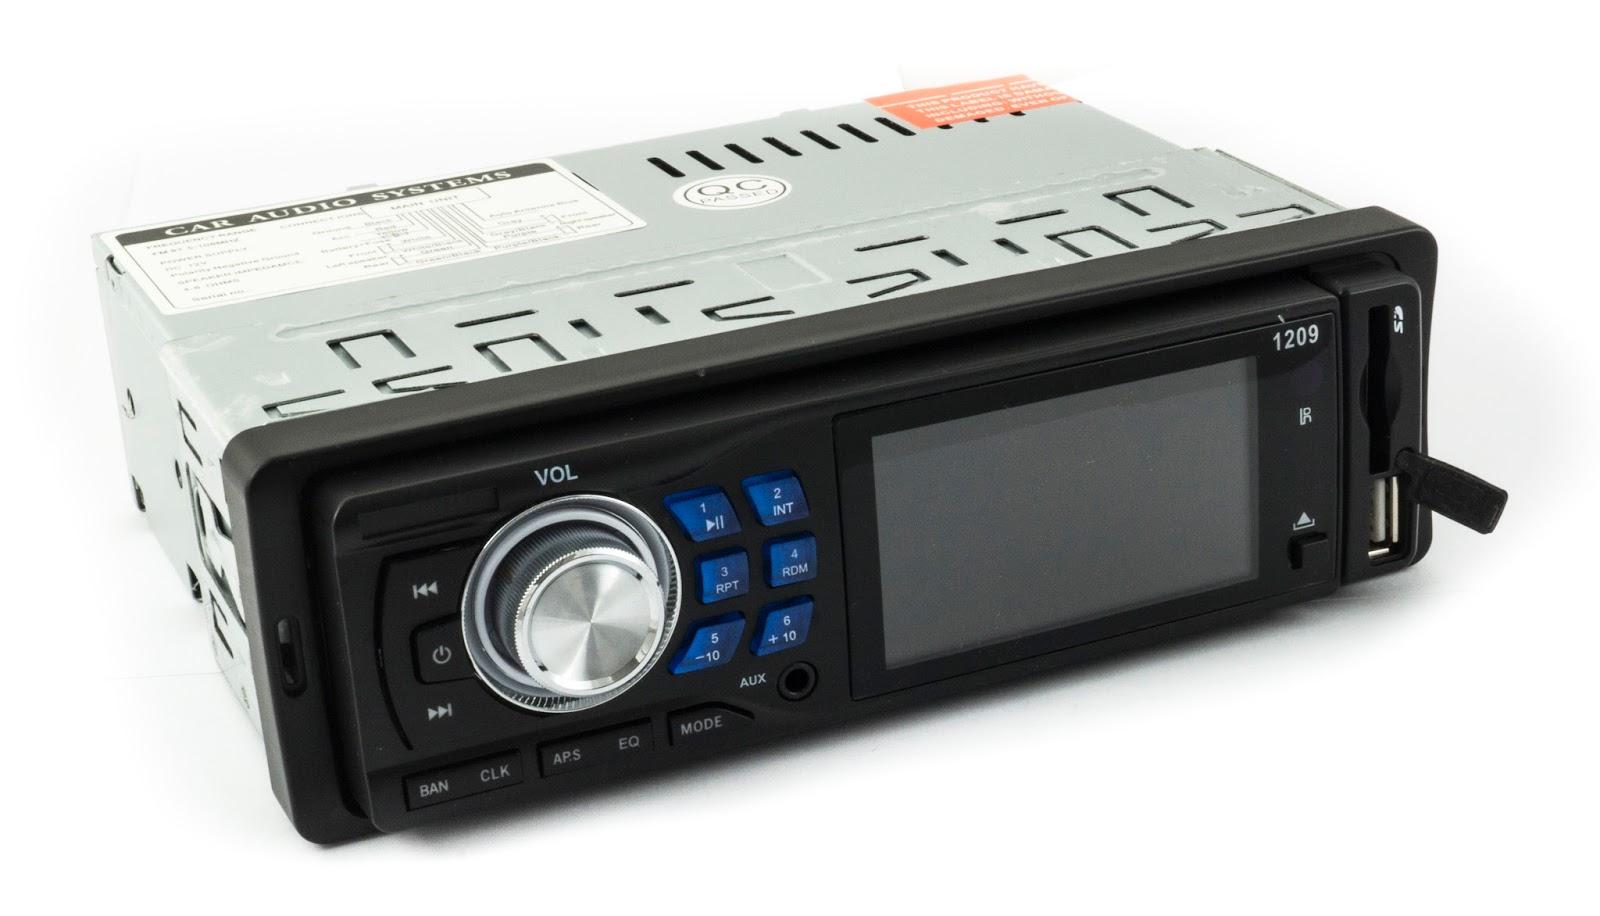 autoradio stereo auto radio frontalino estraibile fm mpd usb sd aux 1209e ingrosso cinese. Black Bedroom Furniture Sets. Home Design Ideas